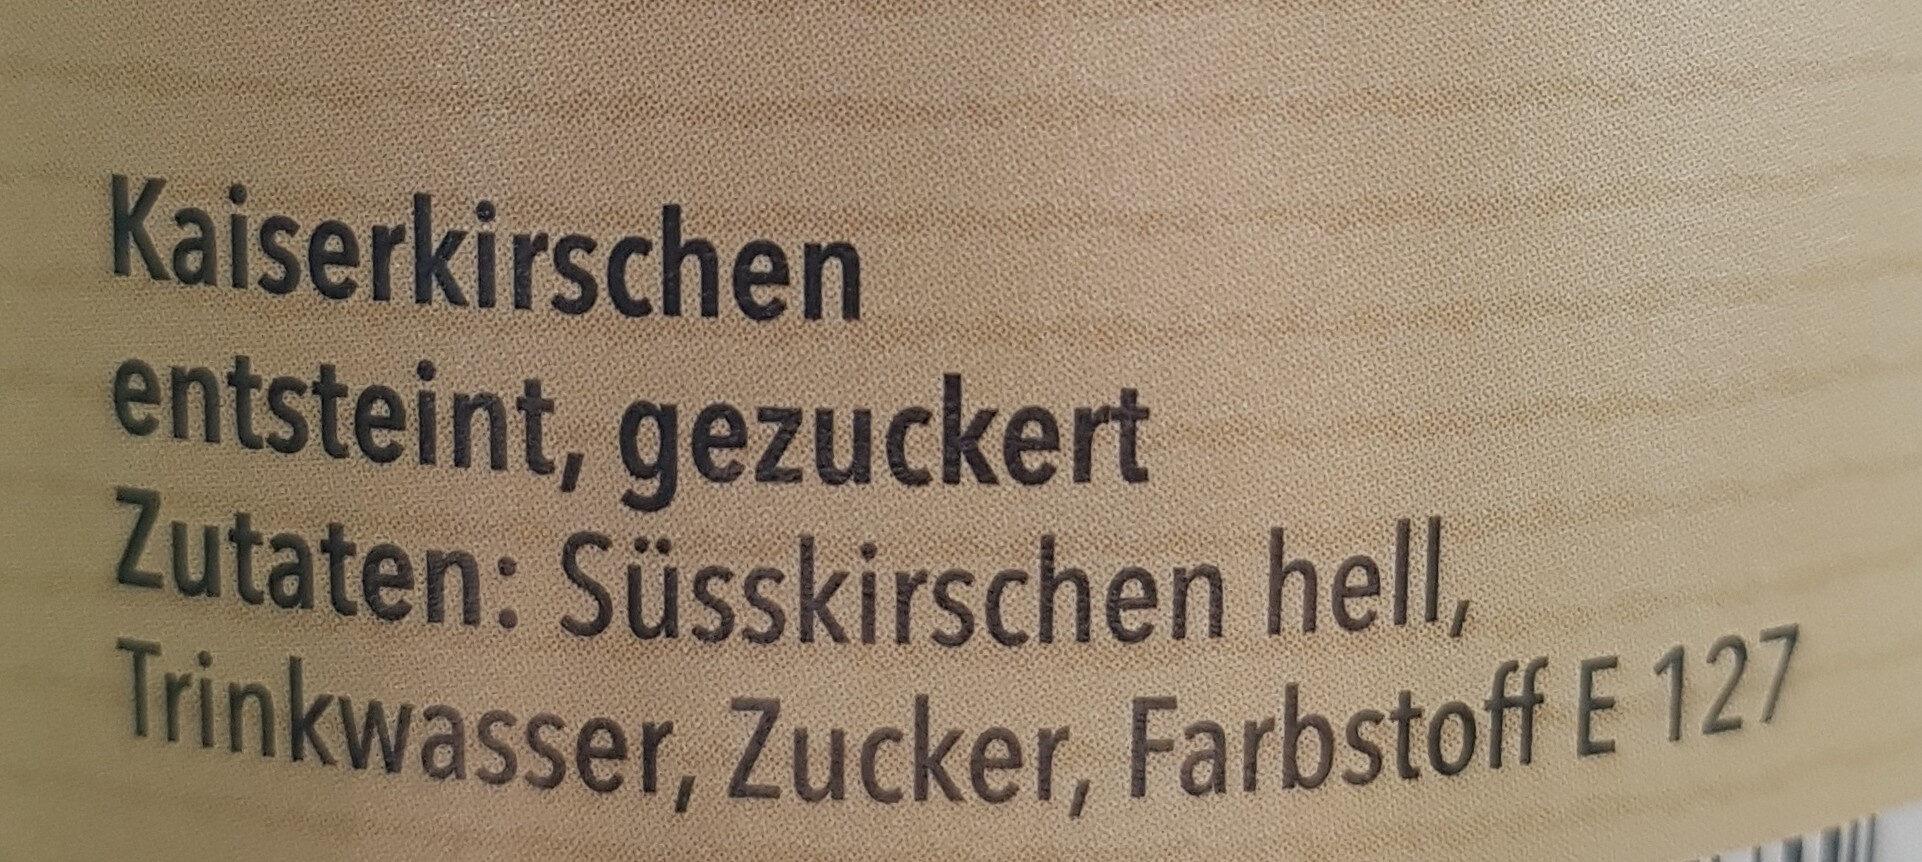 Kaiserkirschen entsteint, gezuckert - Ingredients - de